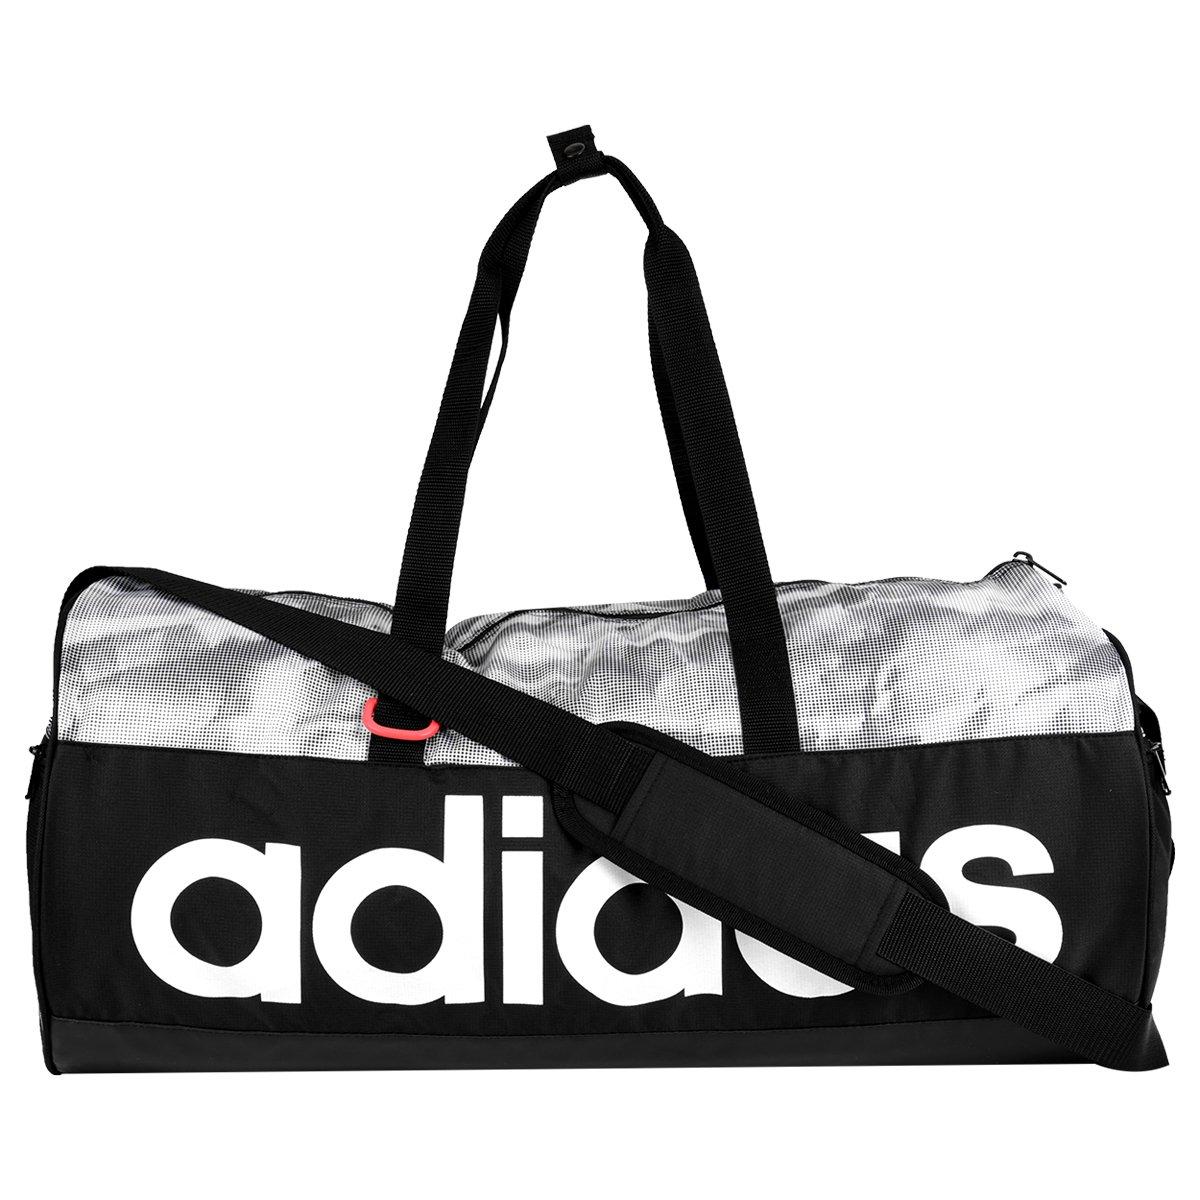 c1a7c00d9719 Mala Adidas Linear Ess 1 - Compre Agora